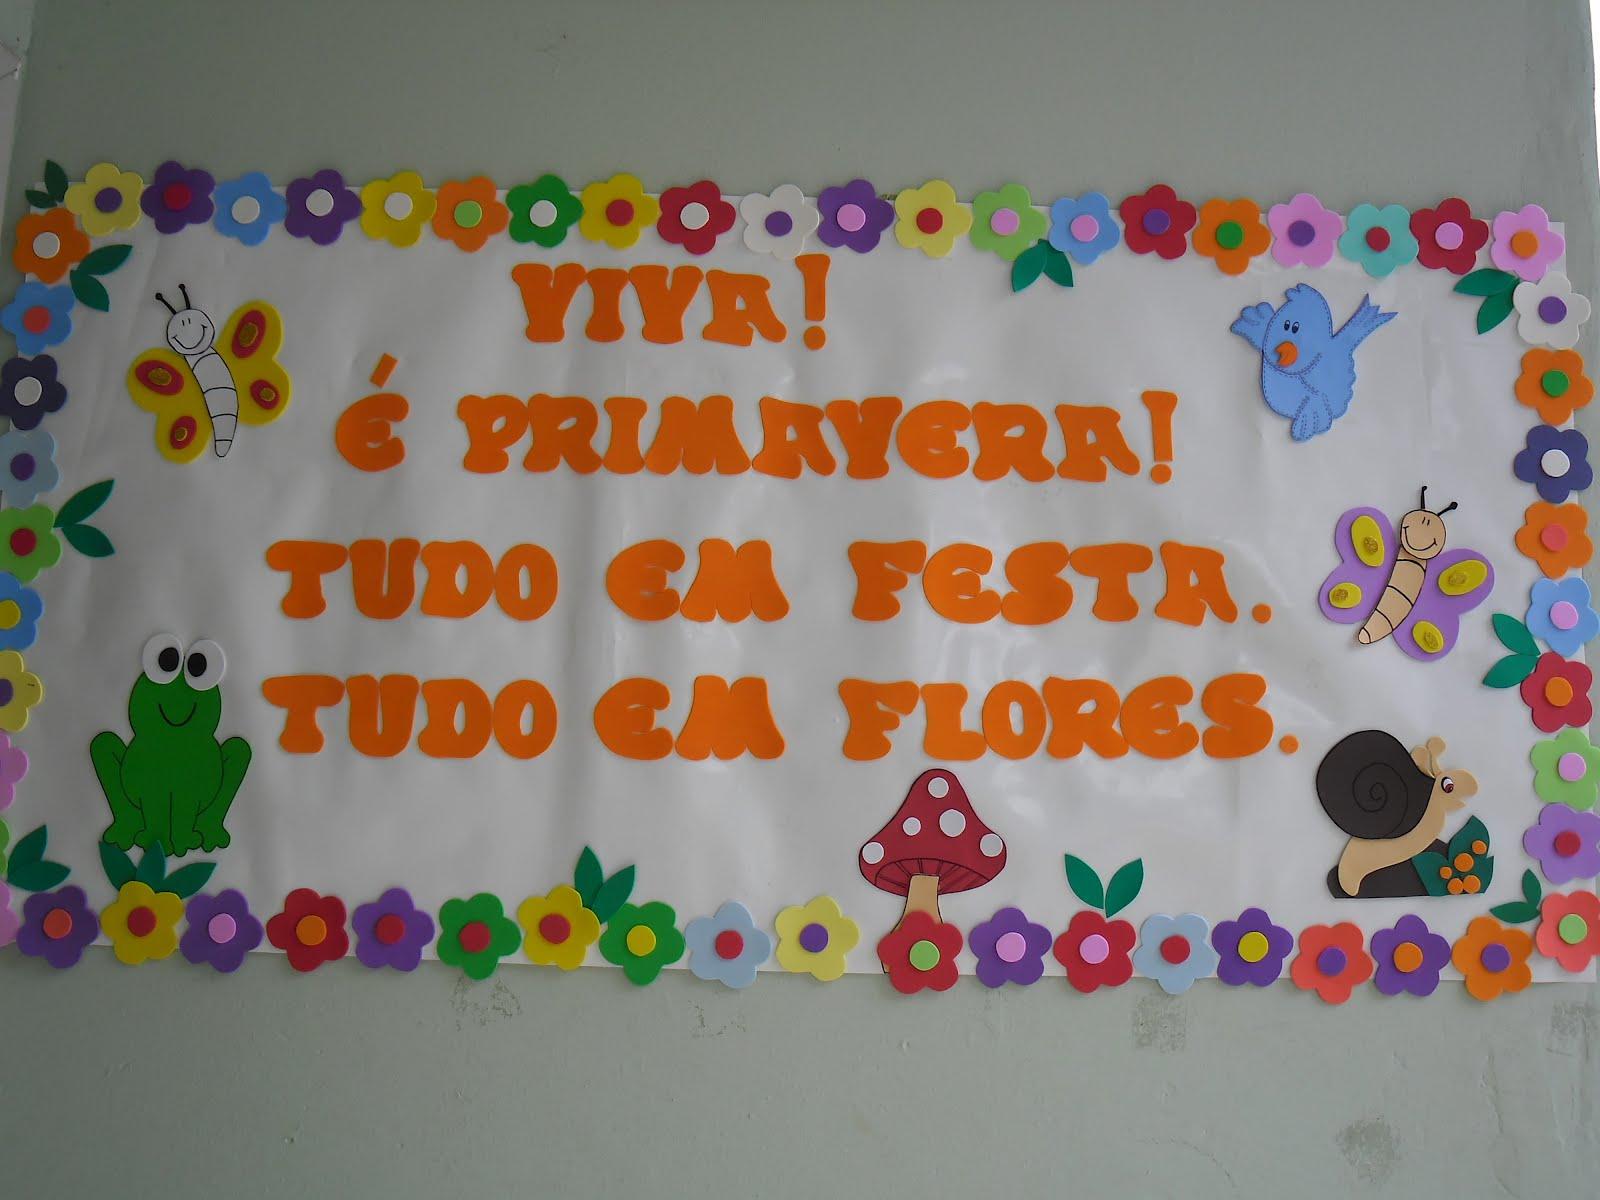 Blog da escola quil metro um e pr escolar juliana mural for Mural de natal 4 ano